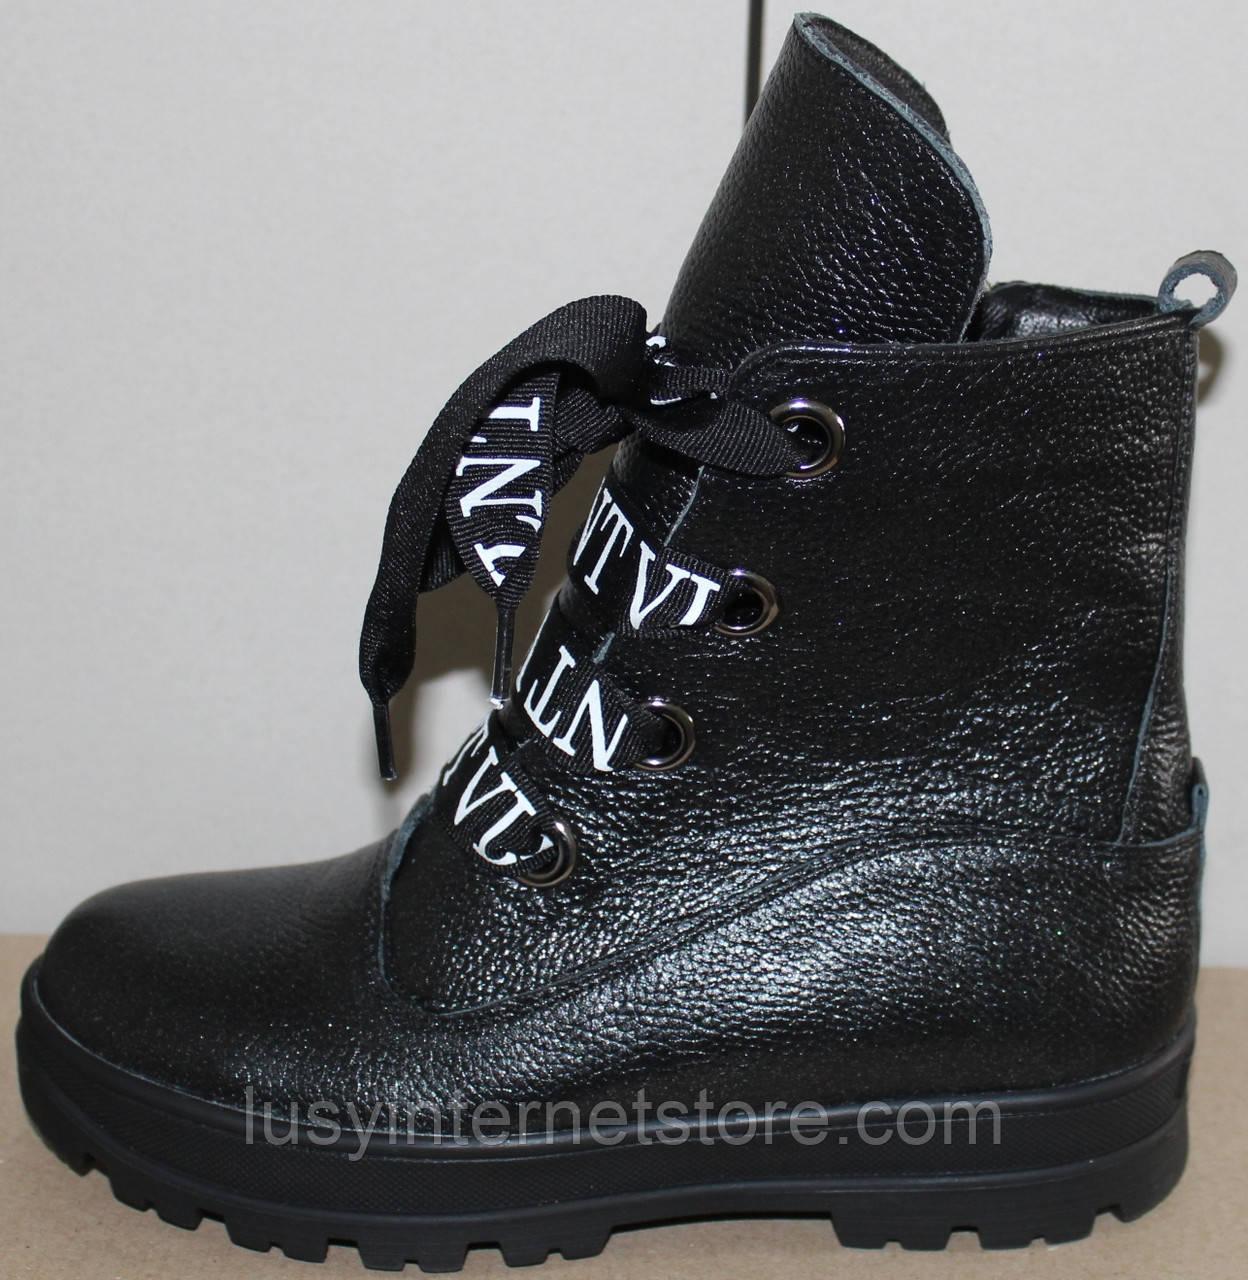 Ботинки кожаные зимние детские, подростковые от производителя модель СИ1011-1